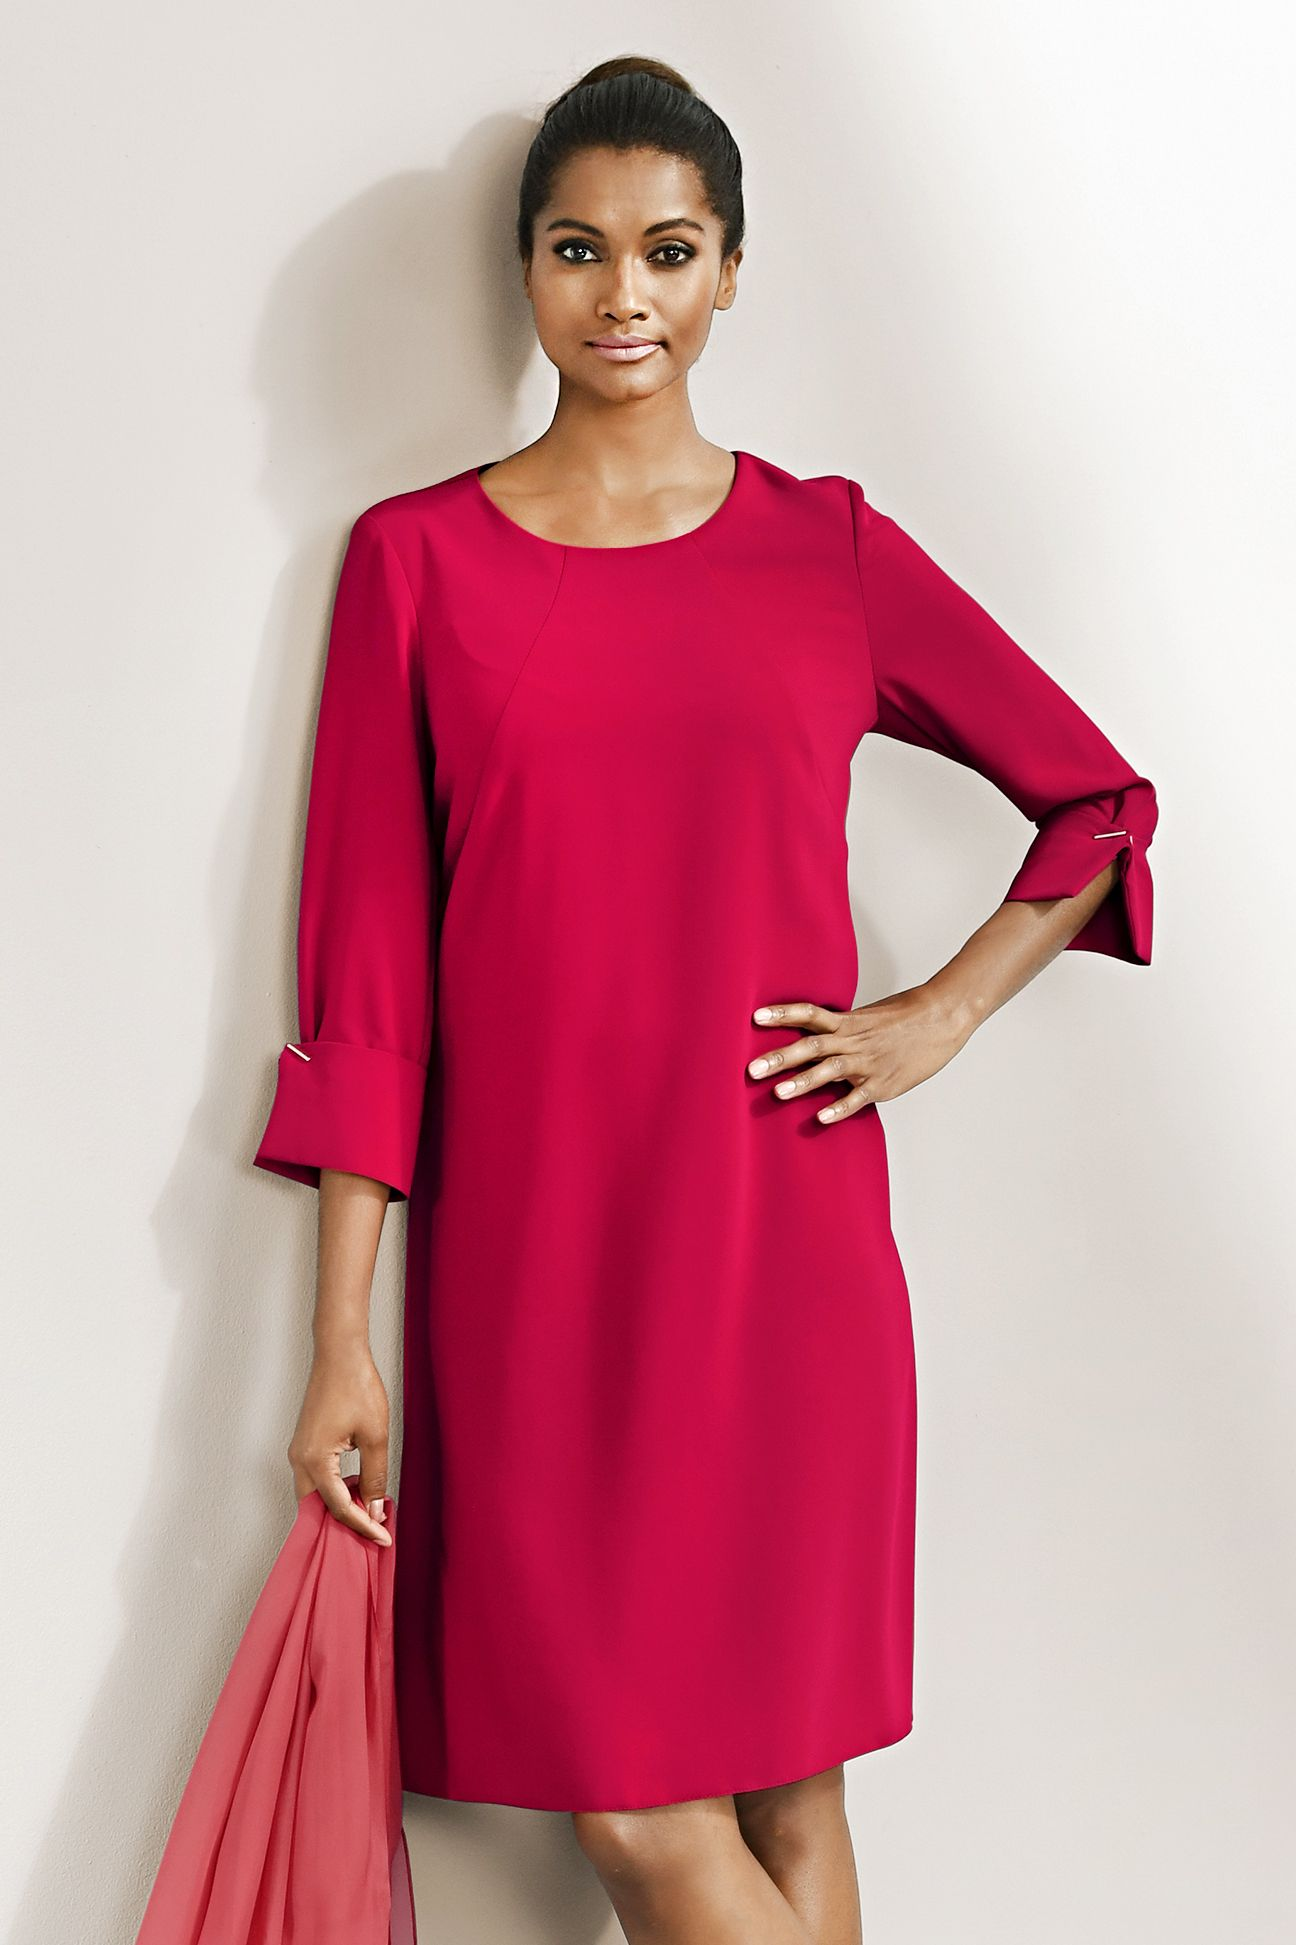 schönes alba moda keid in strahlendem rot mit auffälliger